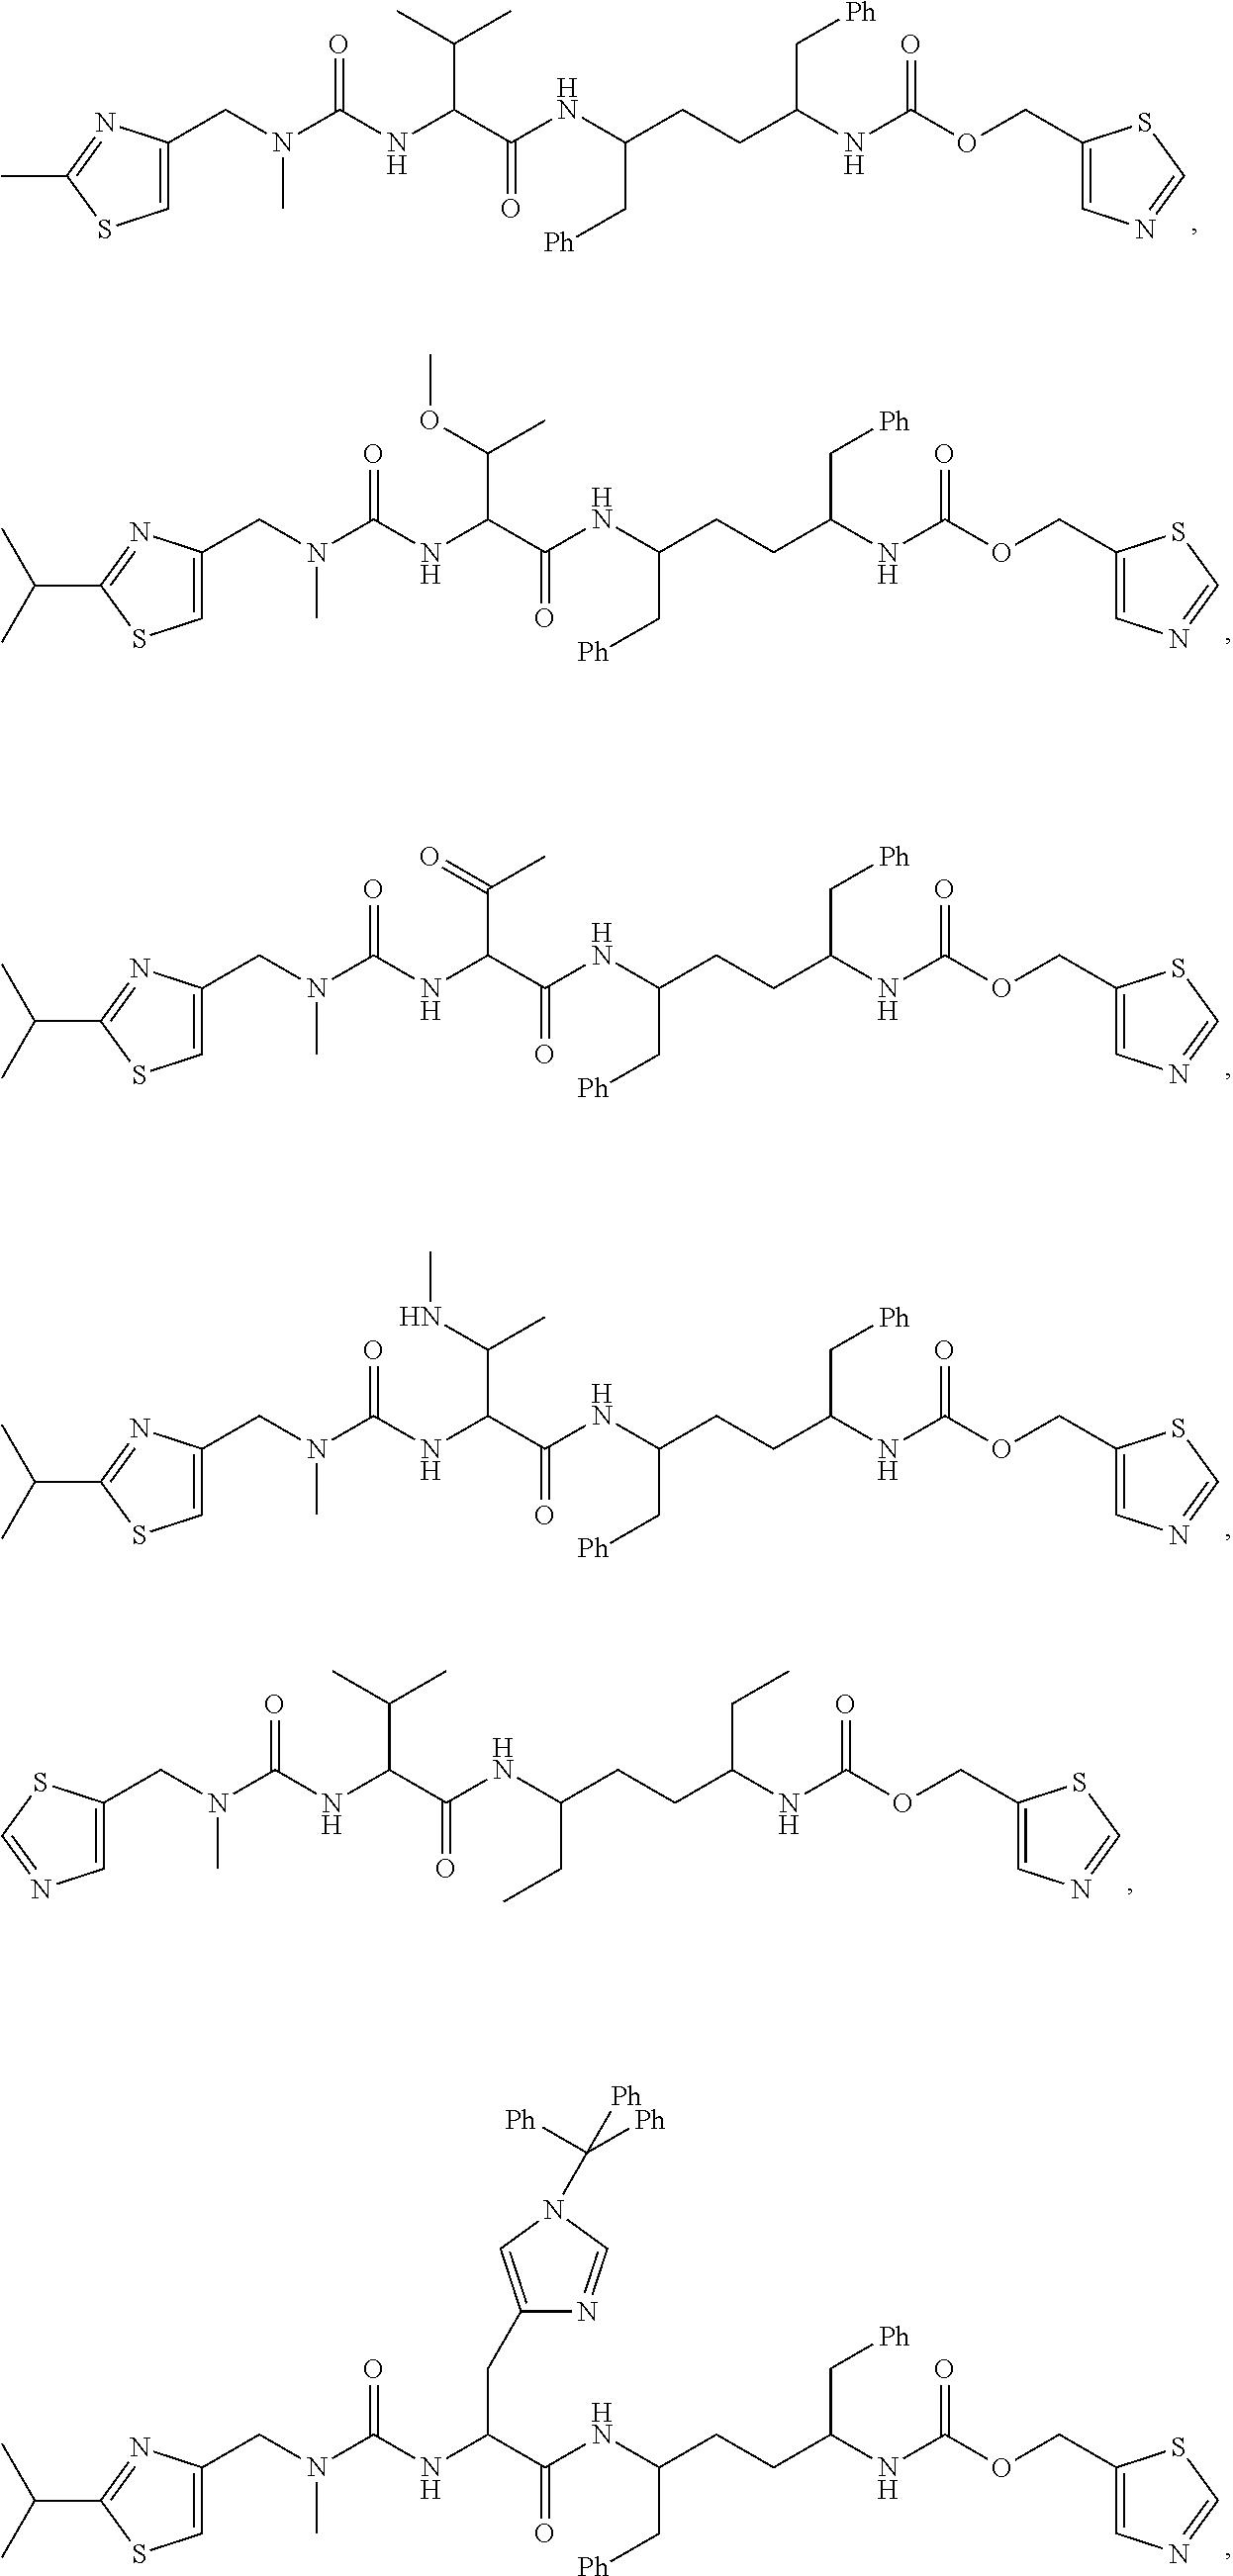 Figure US09891239-20180213-C00021